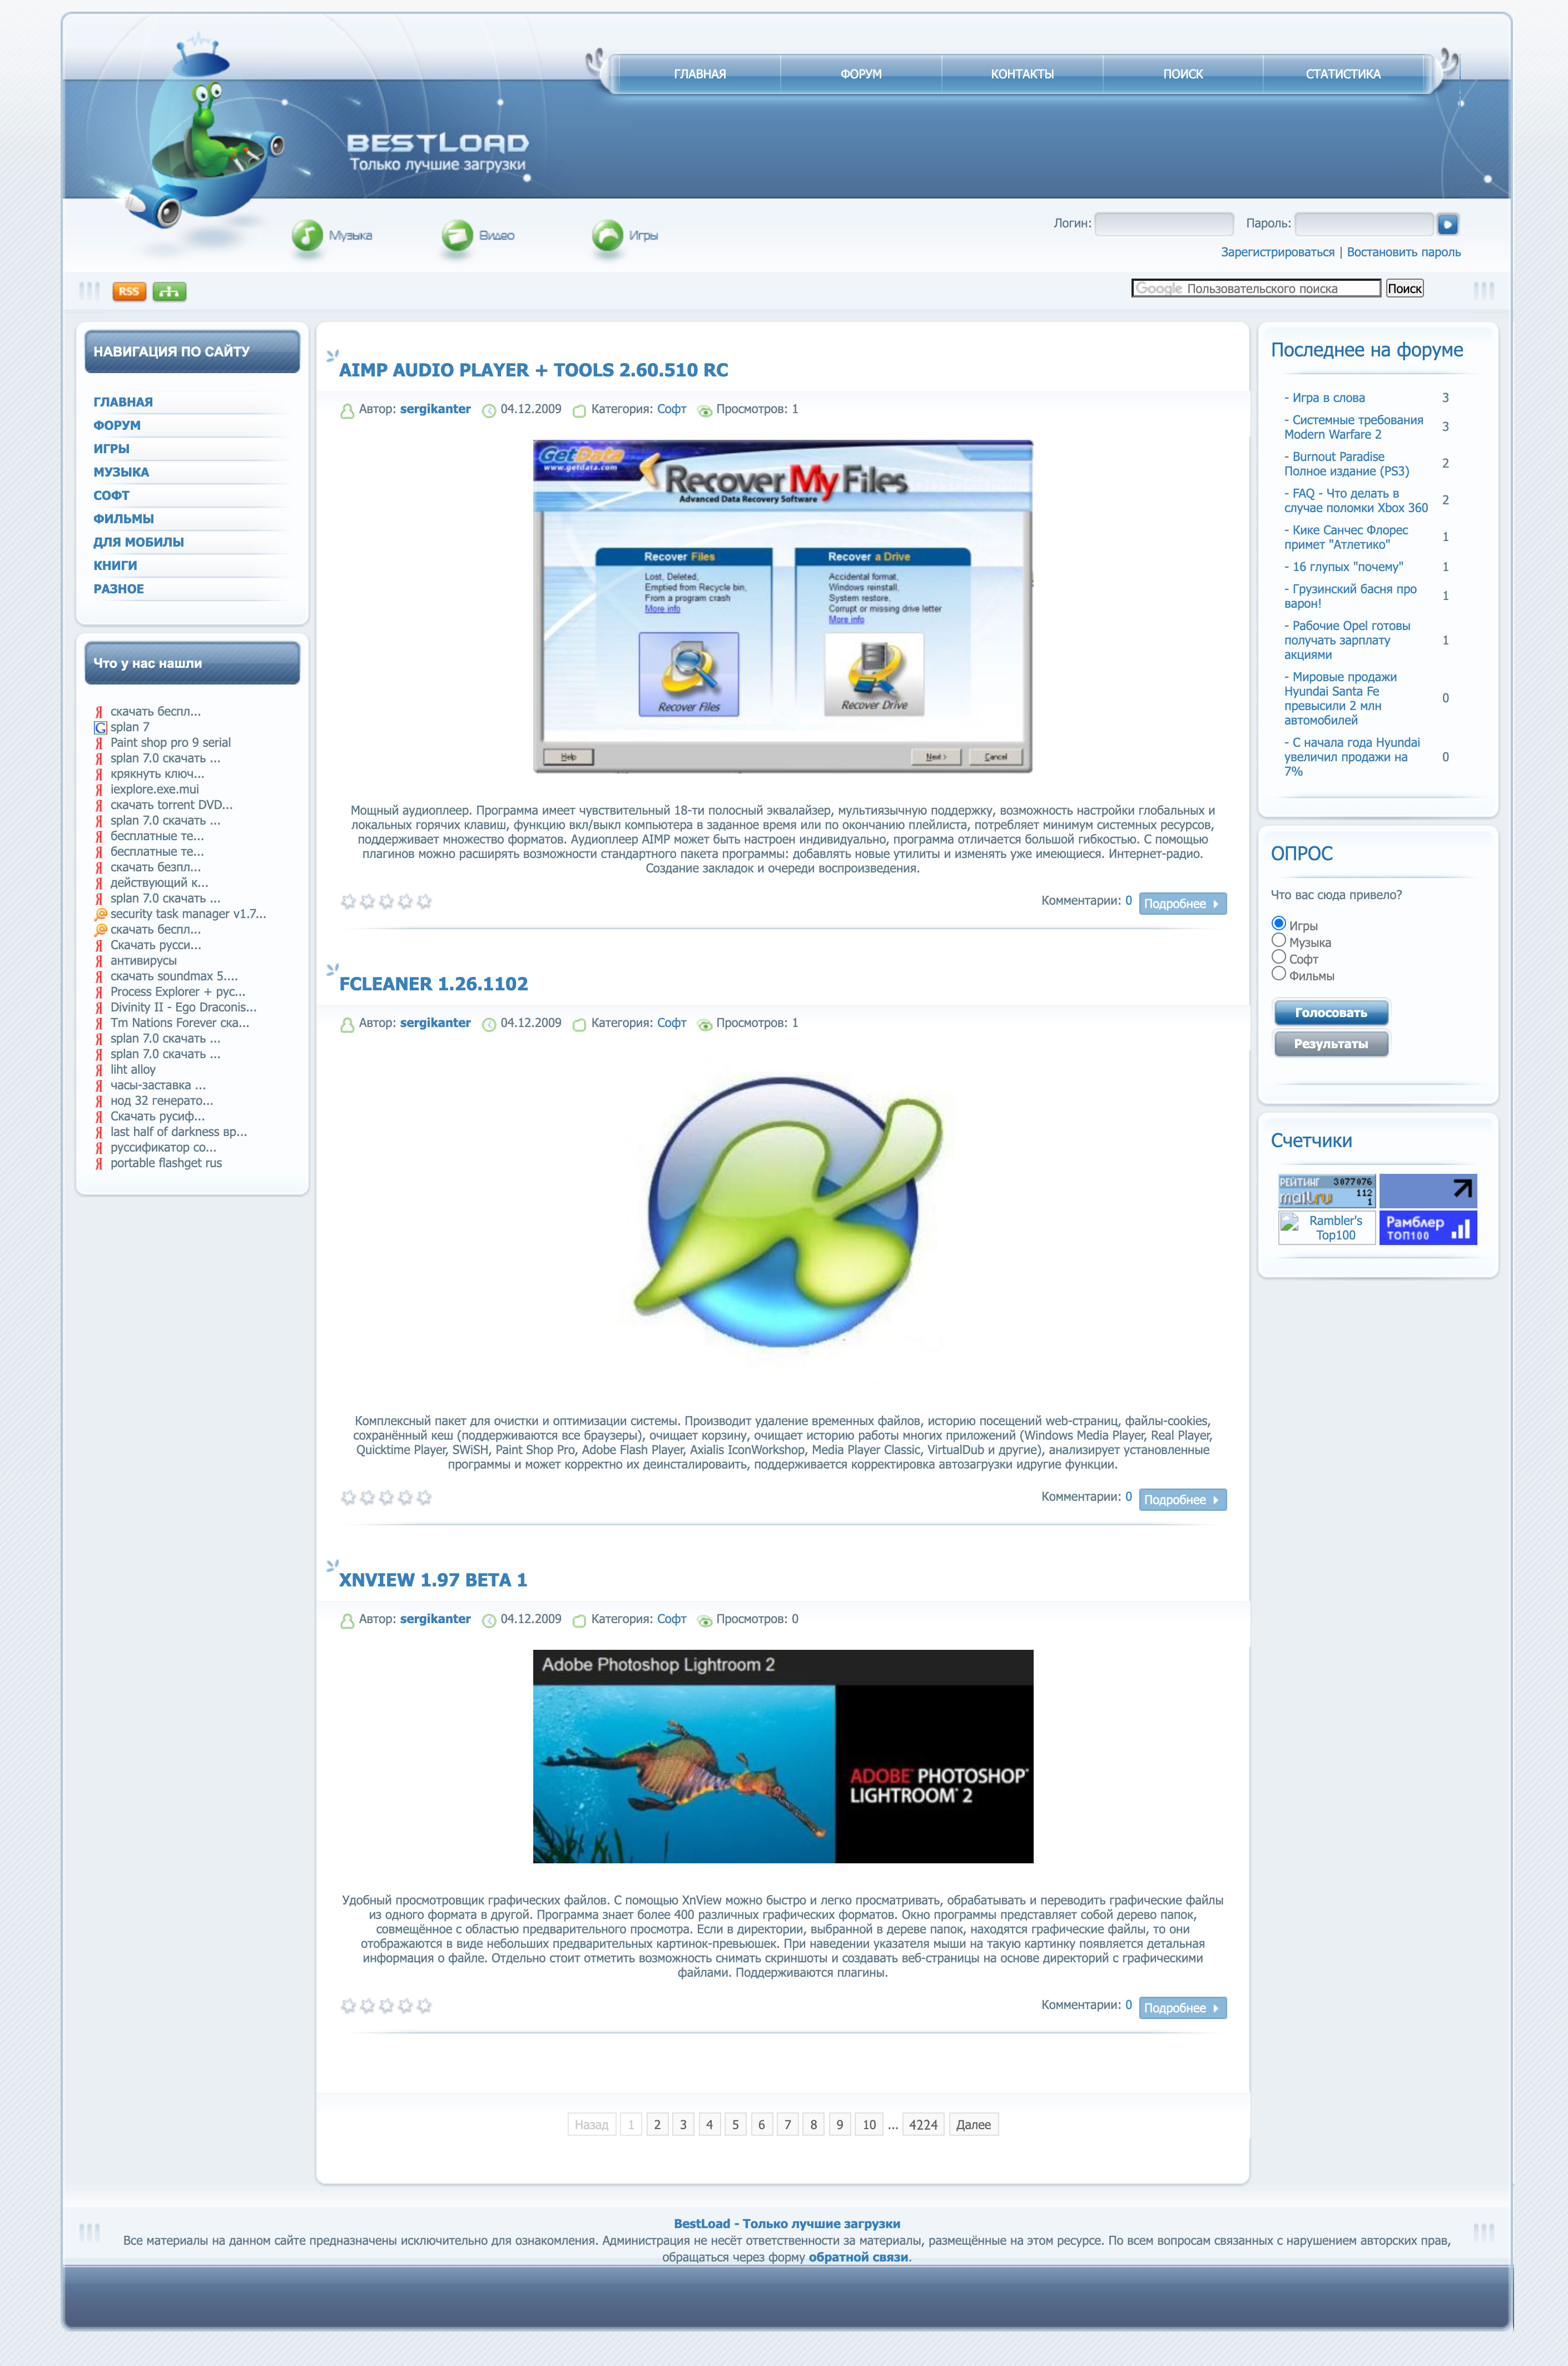 Сайт BestLoad каталогом файлов купить